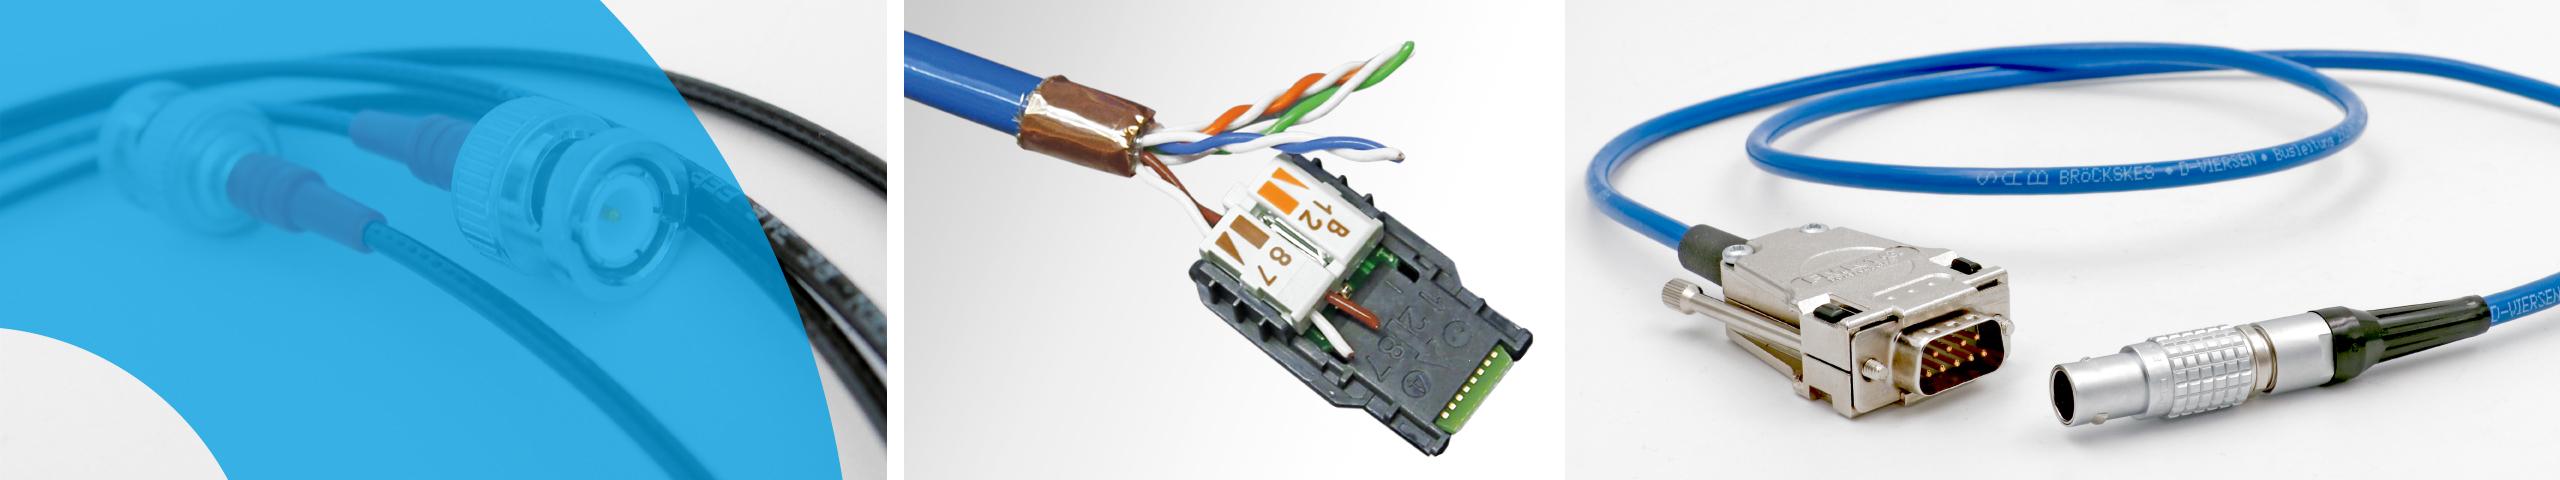 cables especiales con conectores sab cables. Black Bedroom Furniture Sets. Home Design Ideas